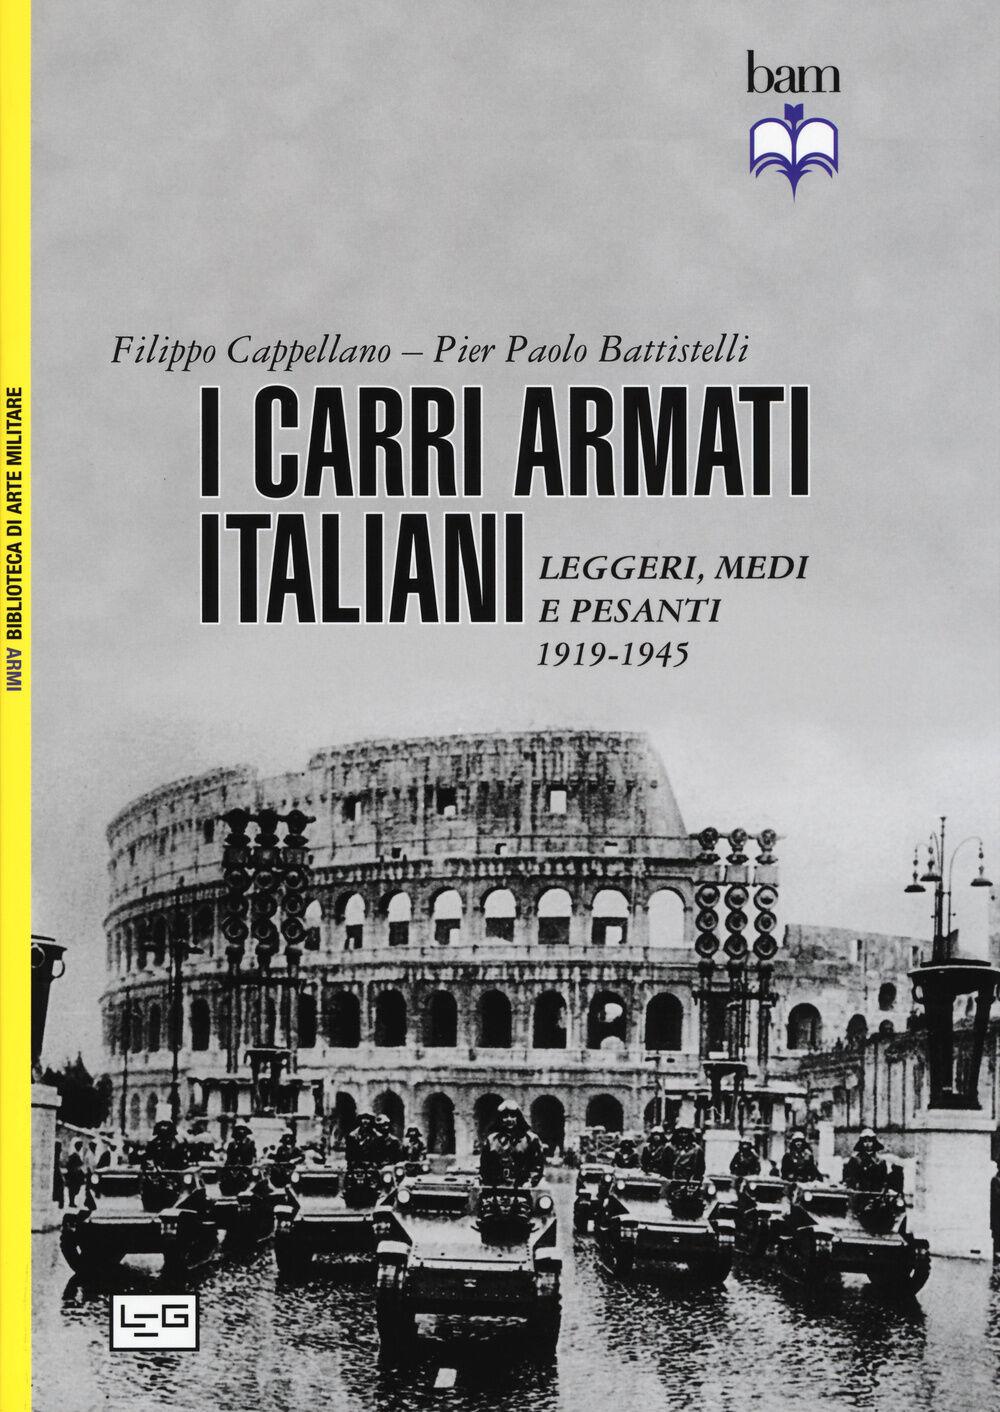 I carri armati italiani. Leggeri, medi e pesanti (1919-1945)